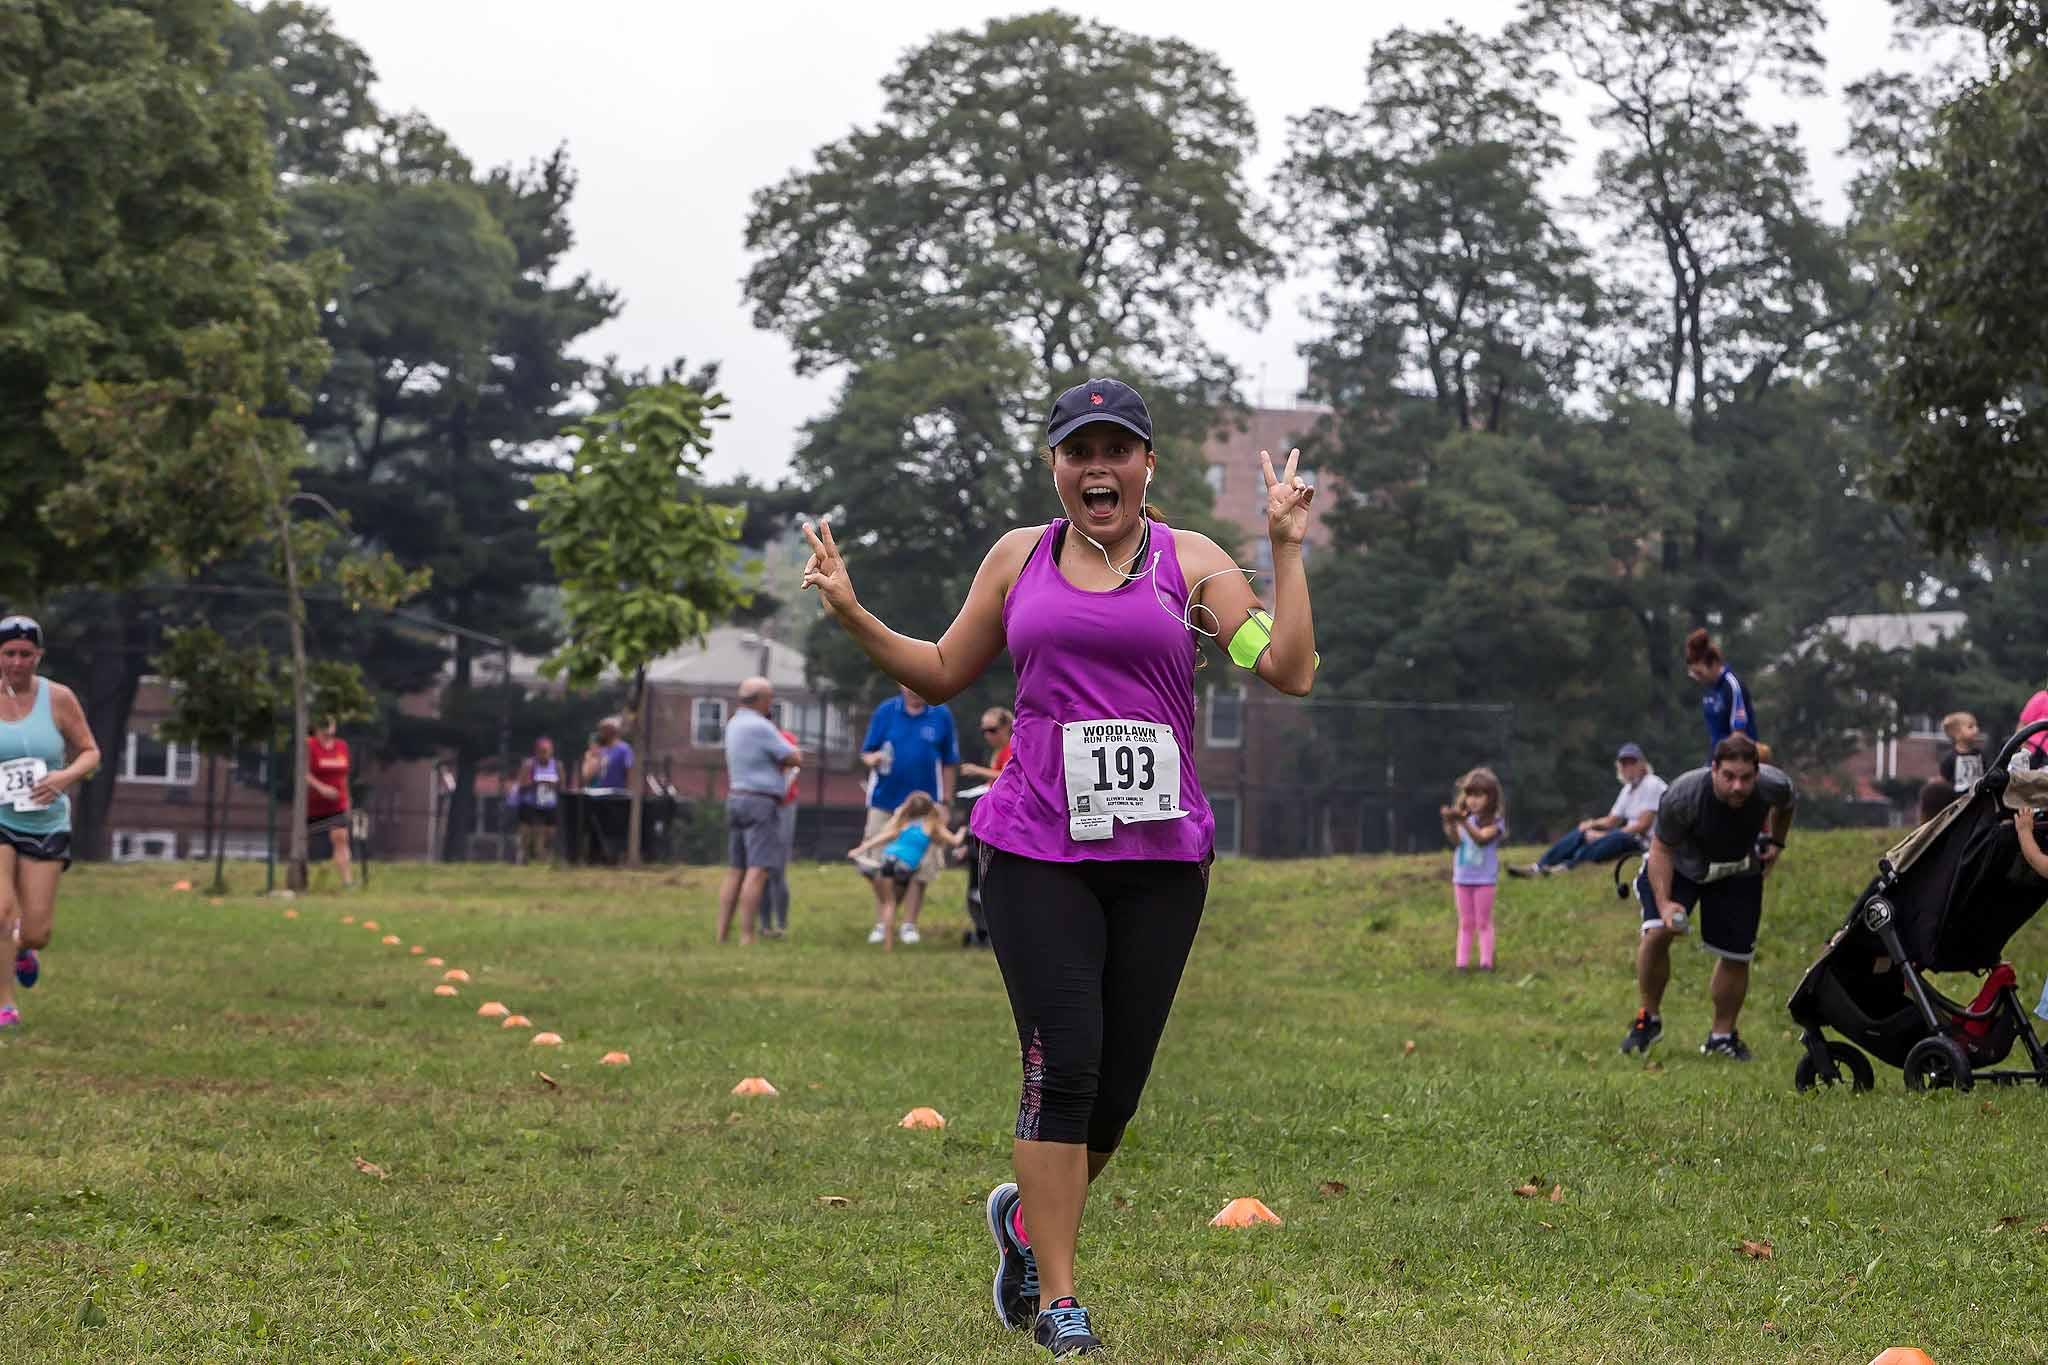 168-Woodlawn Run for a Cause-465.jpg